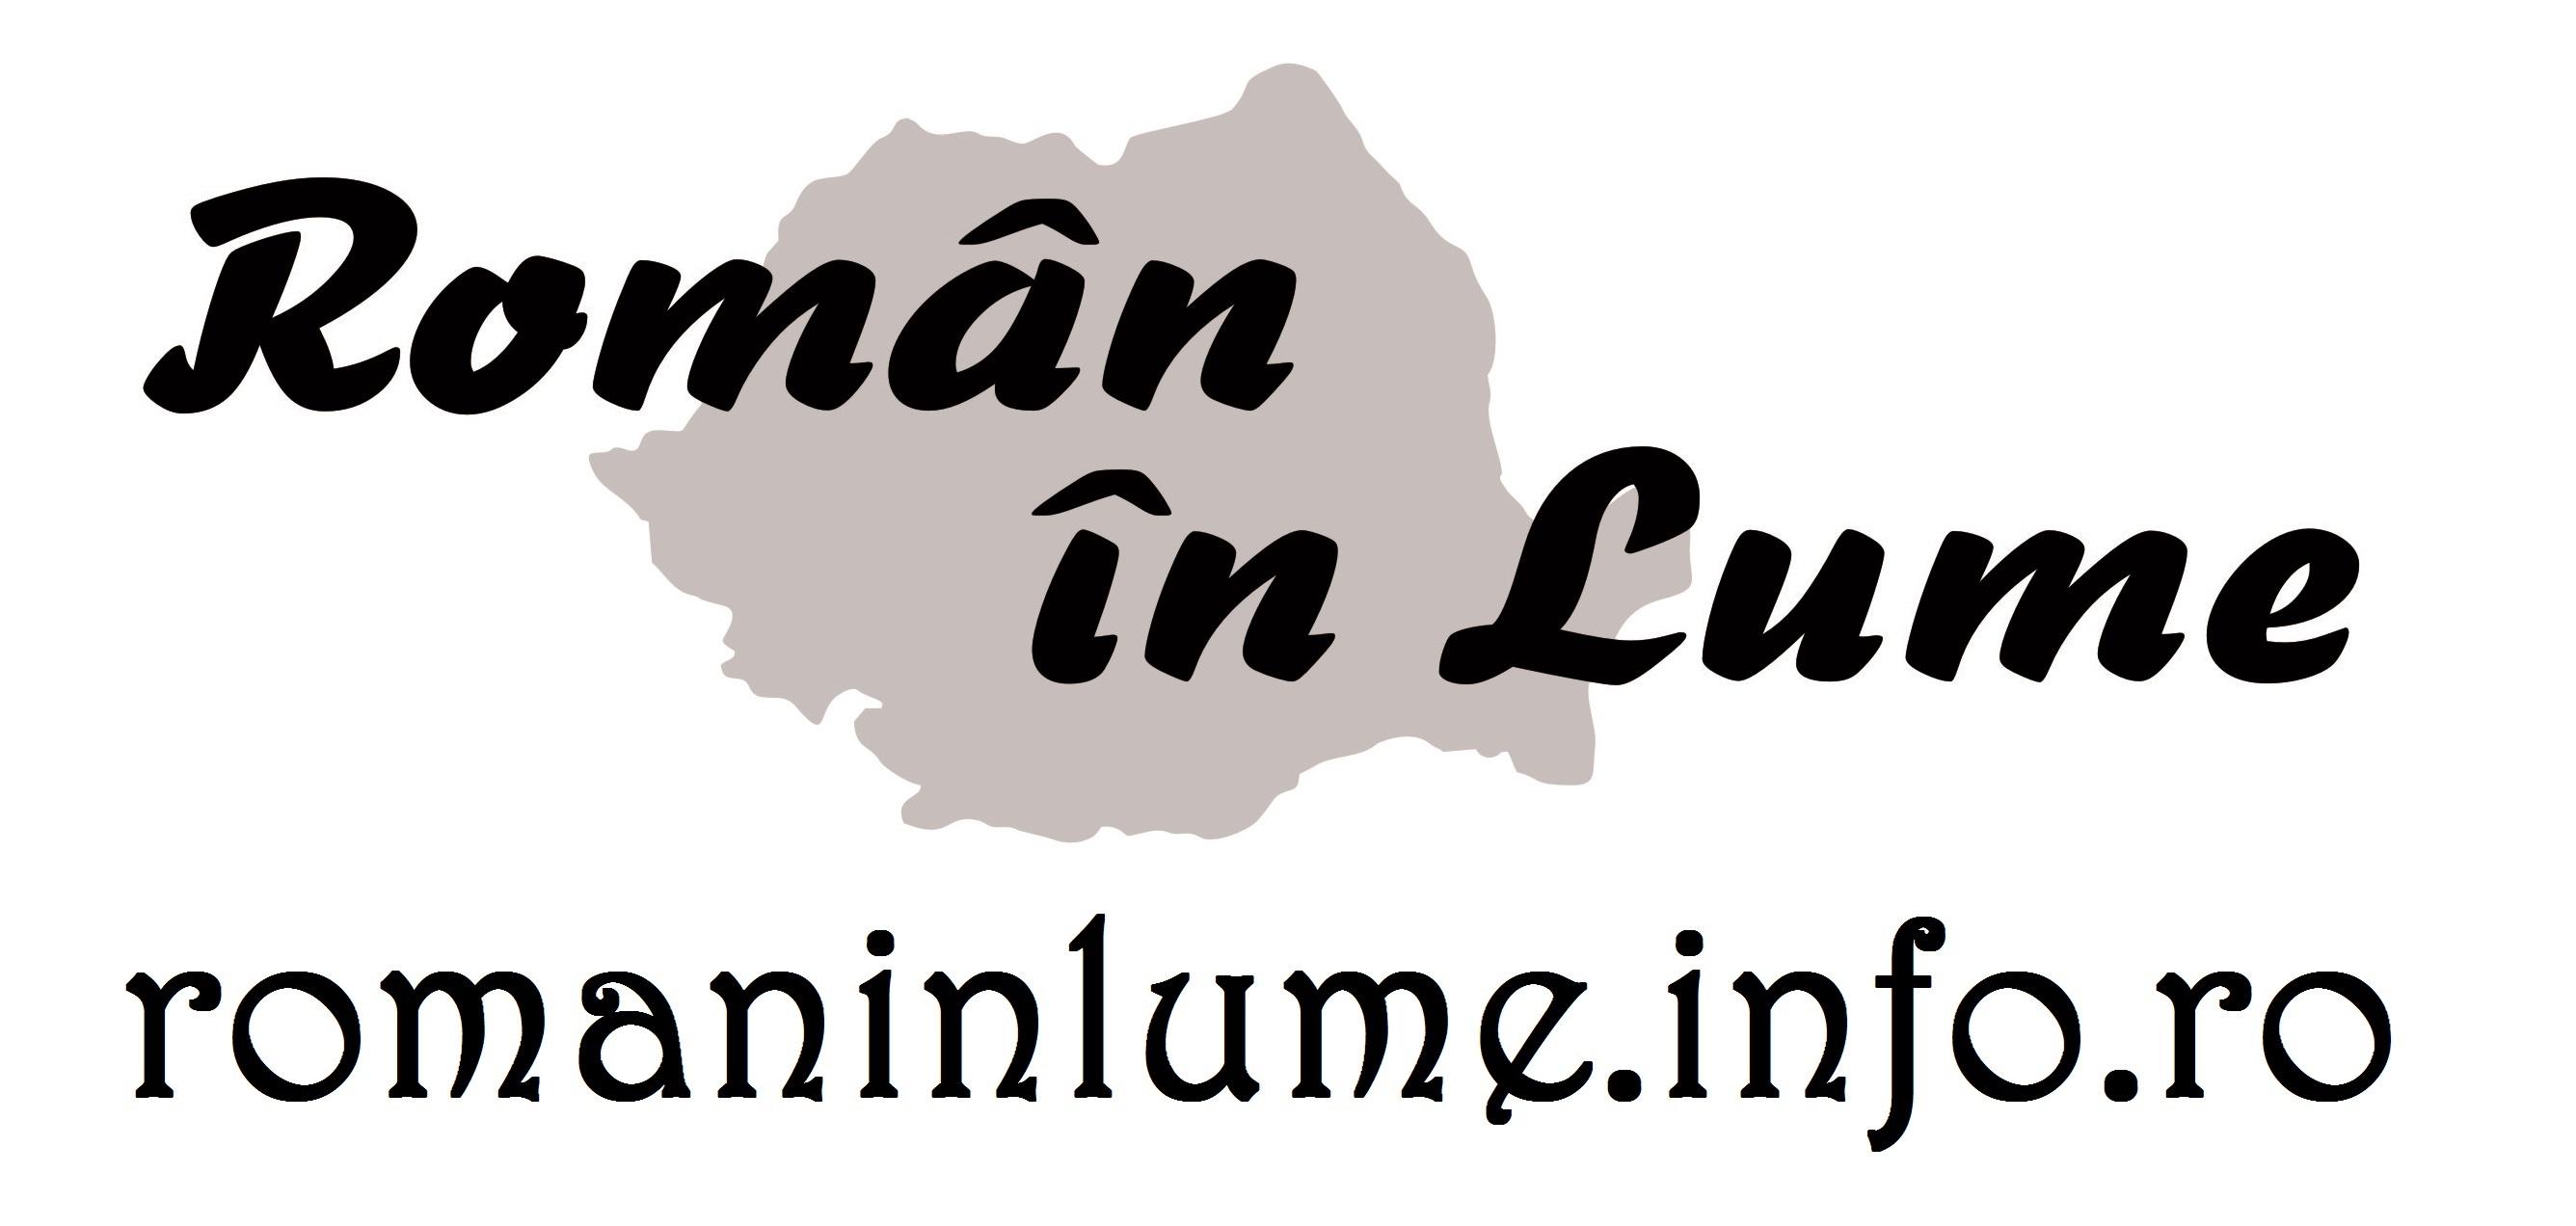 logo ril info ok